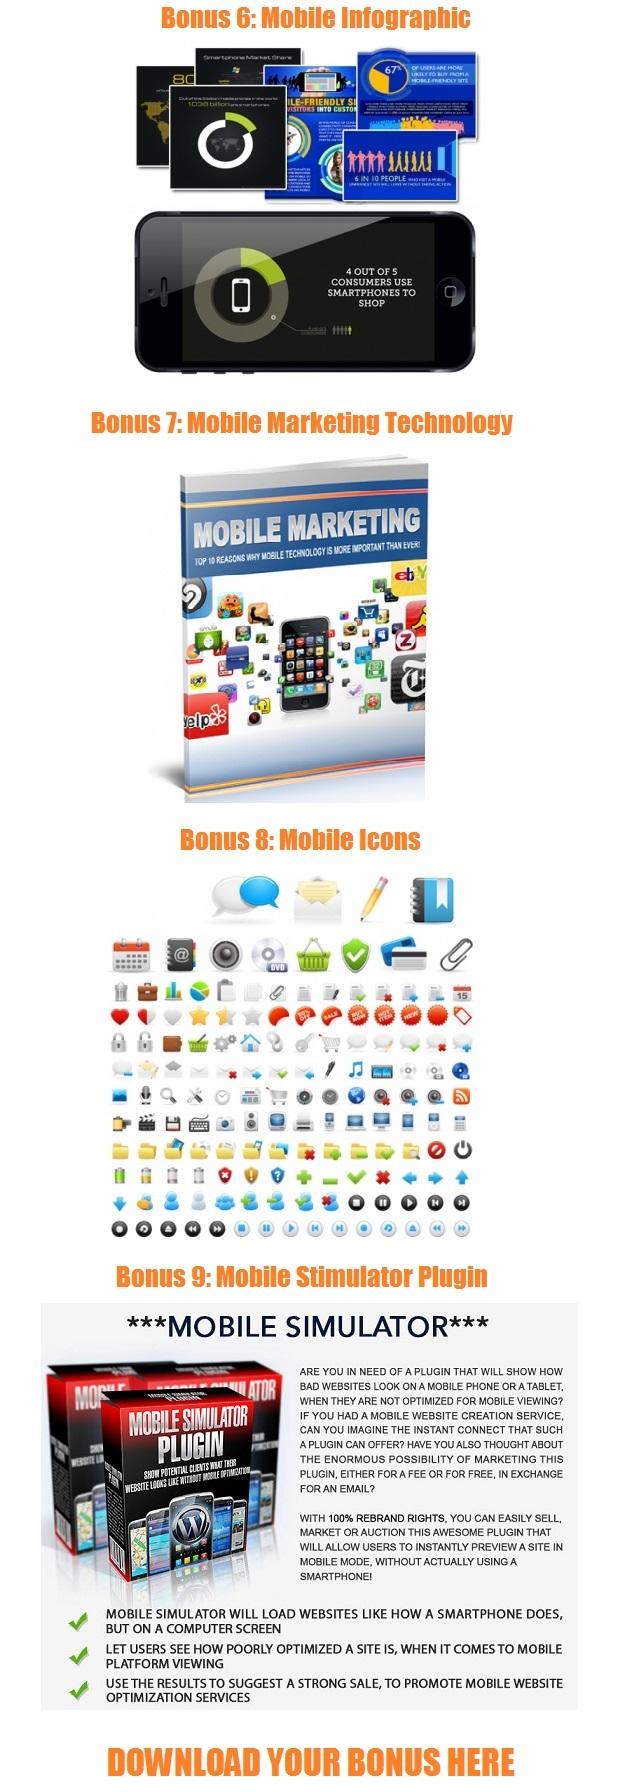 Mobile App Empire Review & Bonus